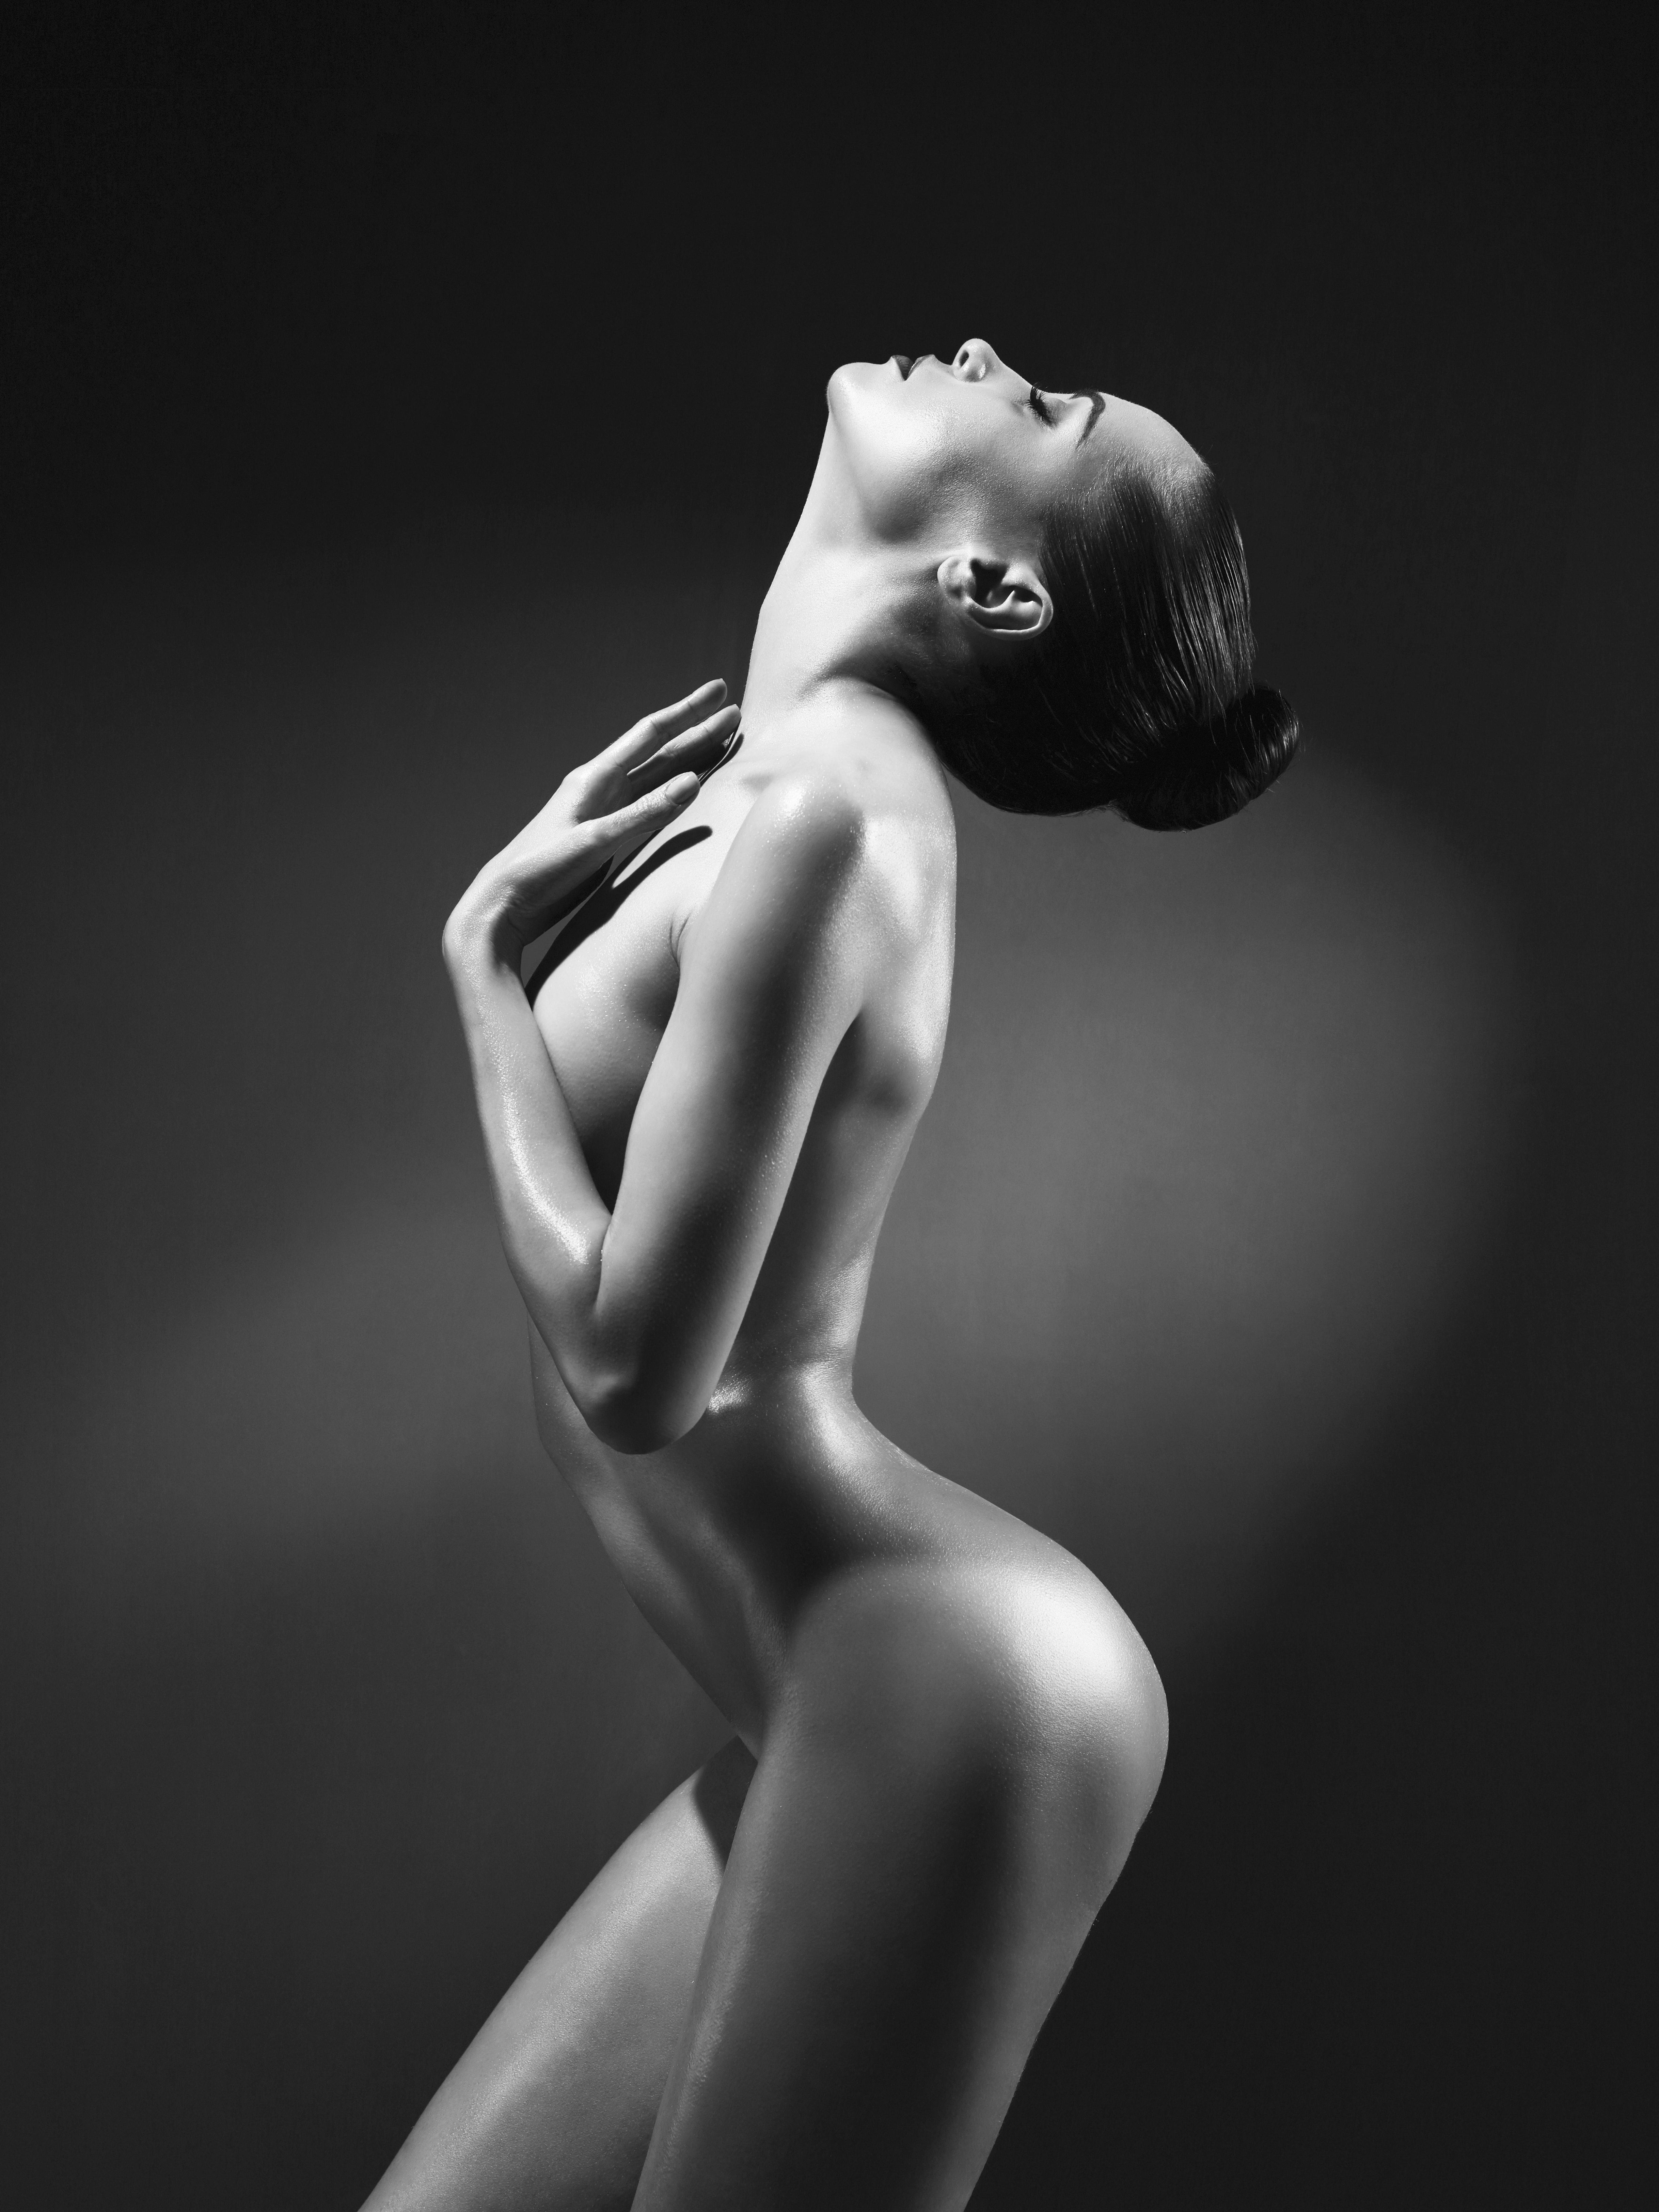 Mariah carey boob pics